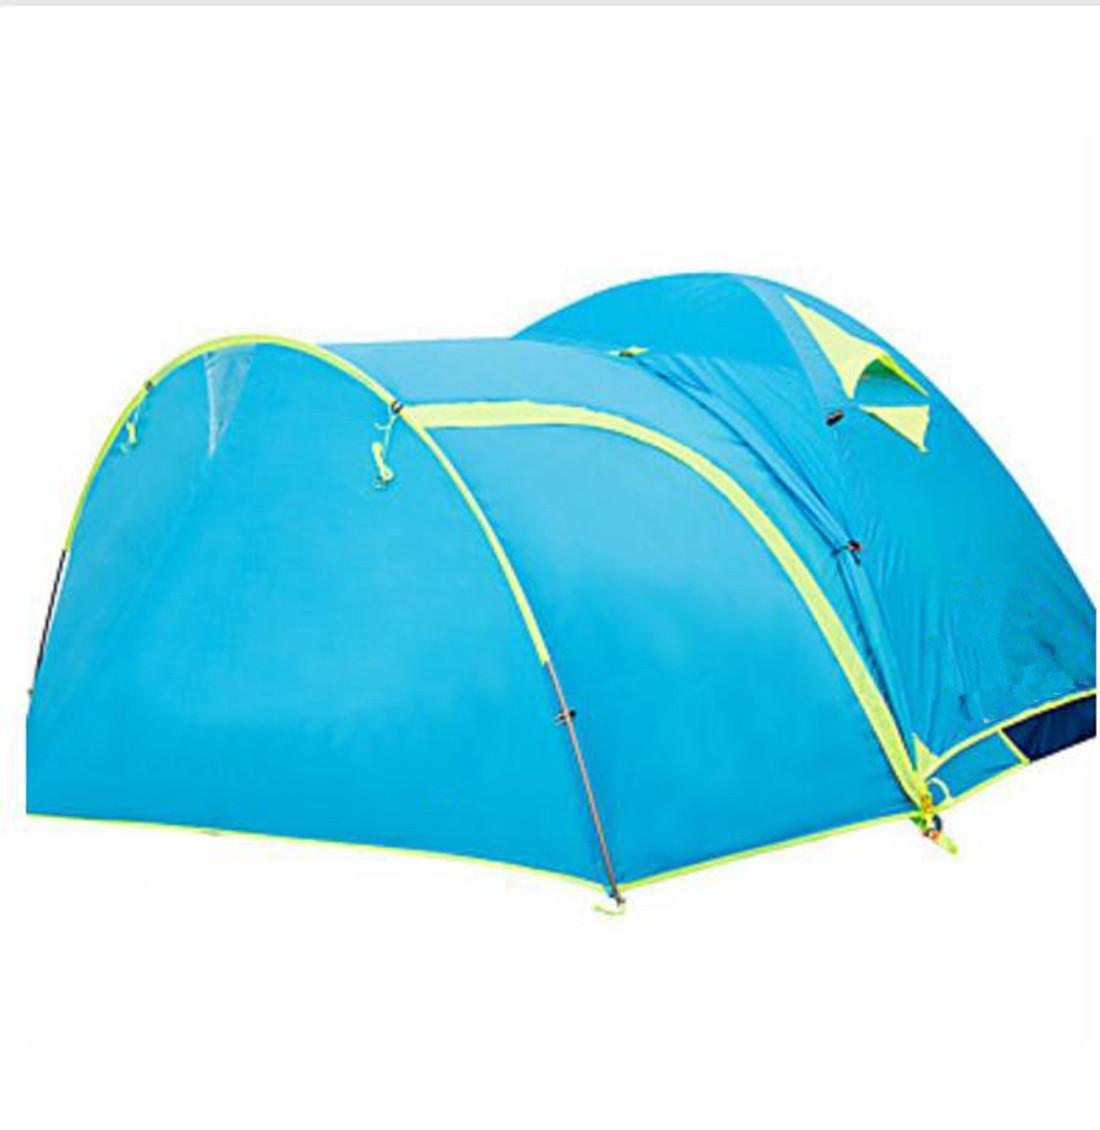 Wasserdicht Atmungsaktivität UV-resistent Winddicht warm halten Extraleicht(UL) Klappbar Transportabel Einzimmer Zelt , light sky Blau